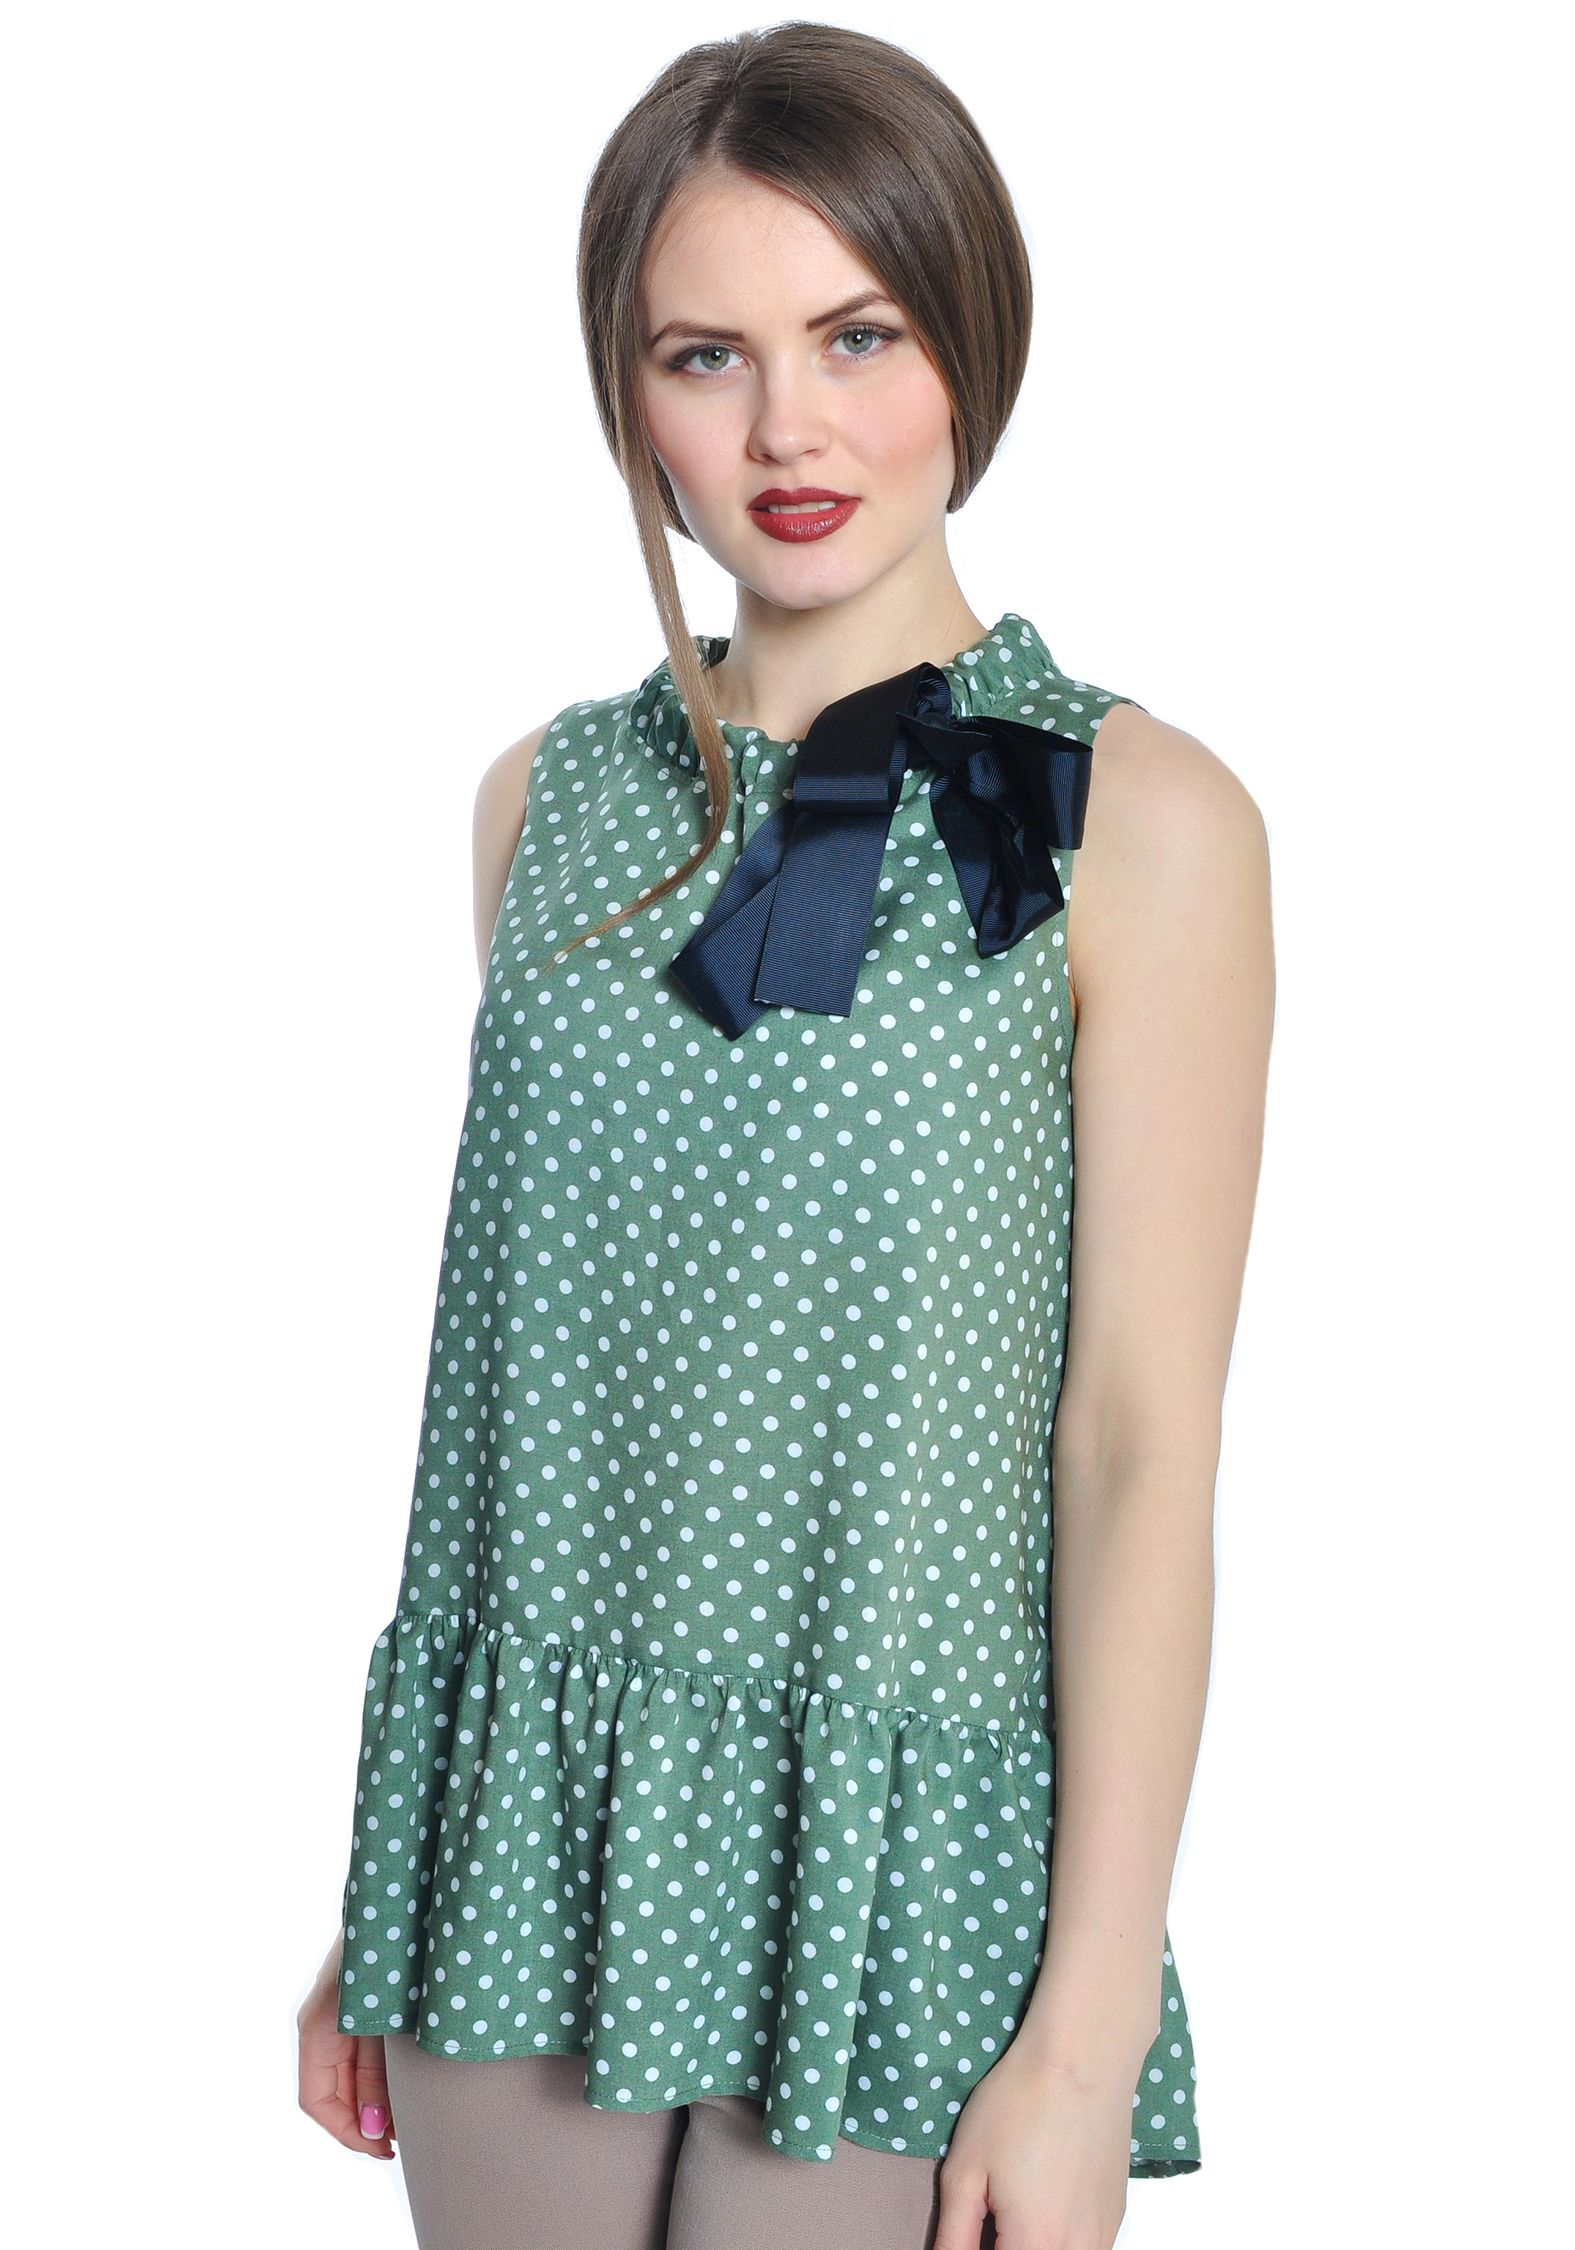 5ad0959bf72 Блузка цвет  хаки арт  1010200023 купить в Интернет магазине Quelle за  1499.00 руб - с доставкой по Москве и России